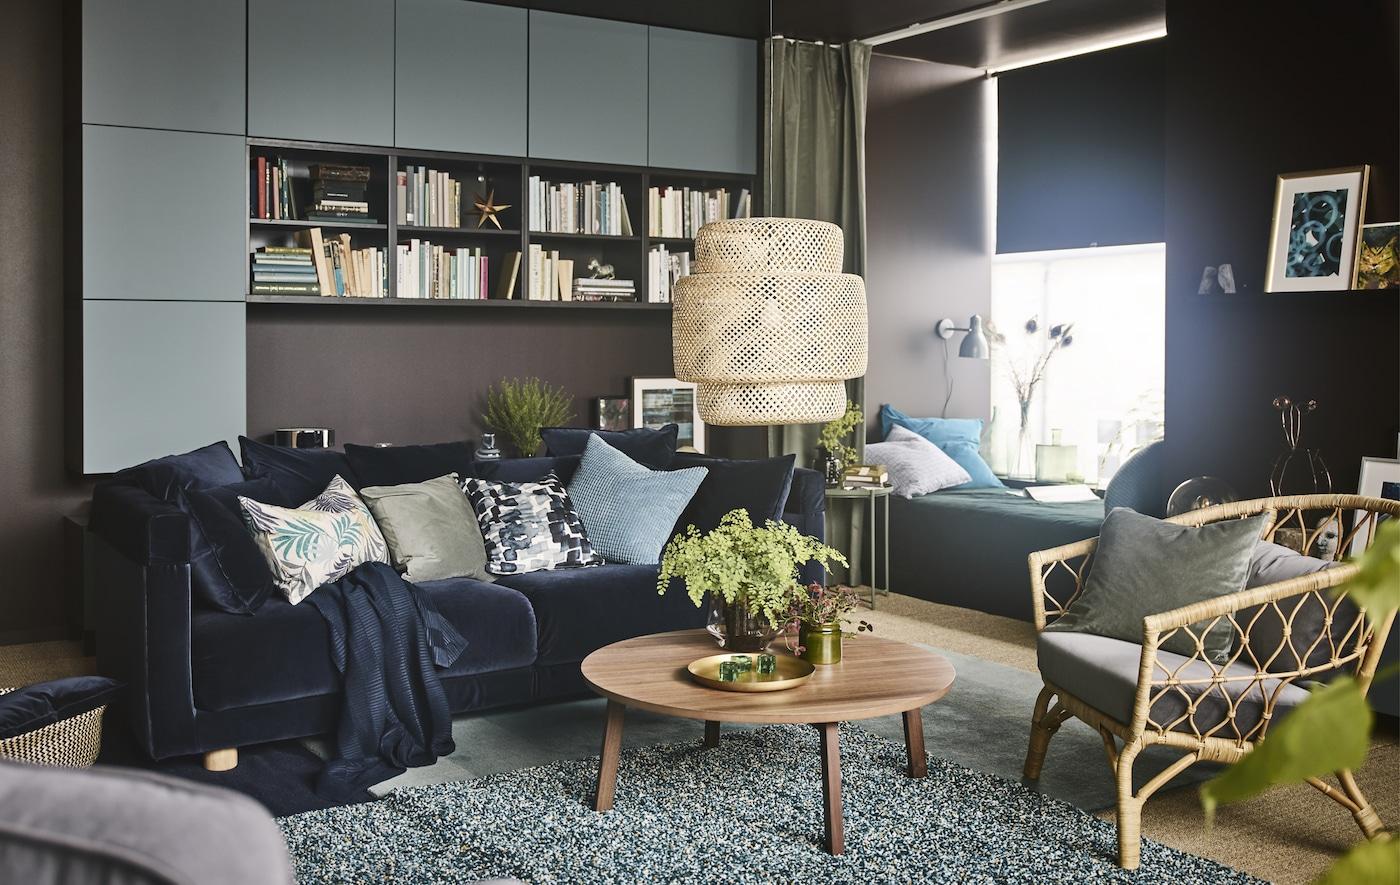 Un salón moderno y acogedor. IKEA